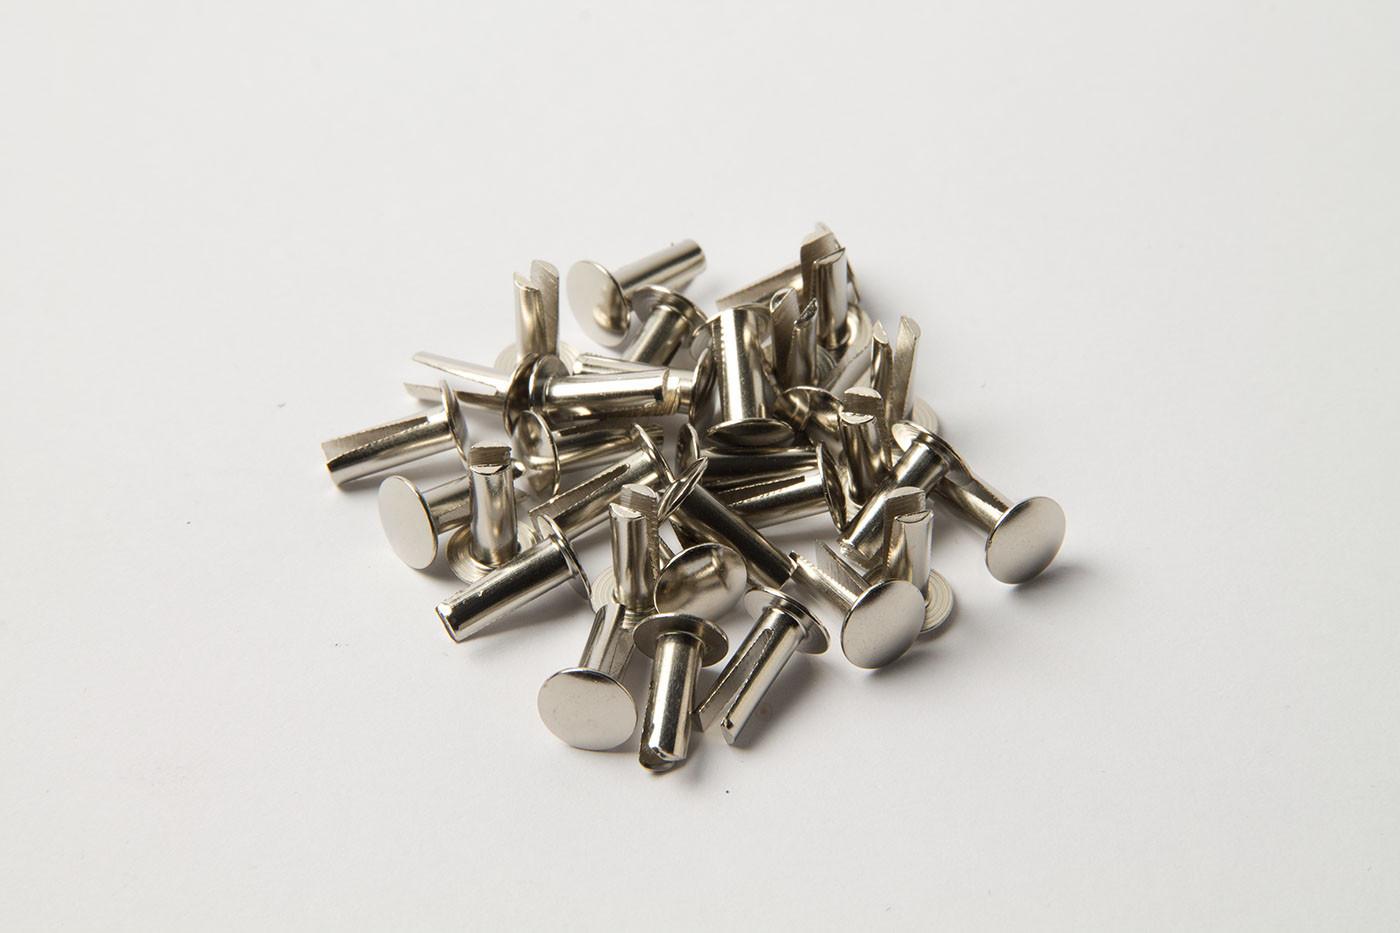 Split rivet